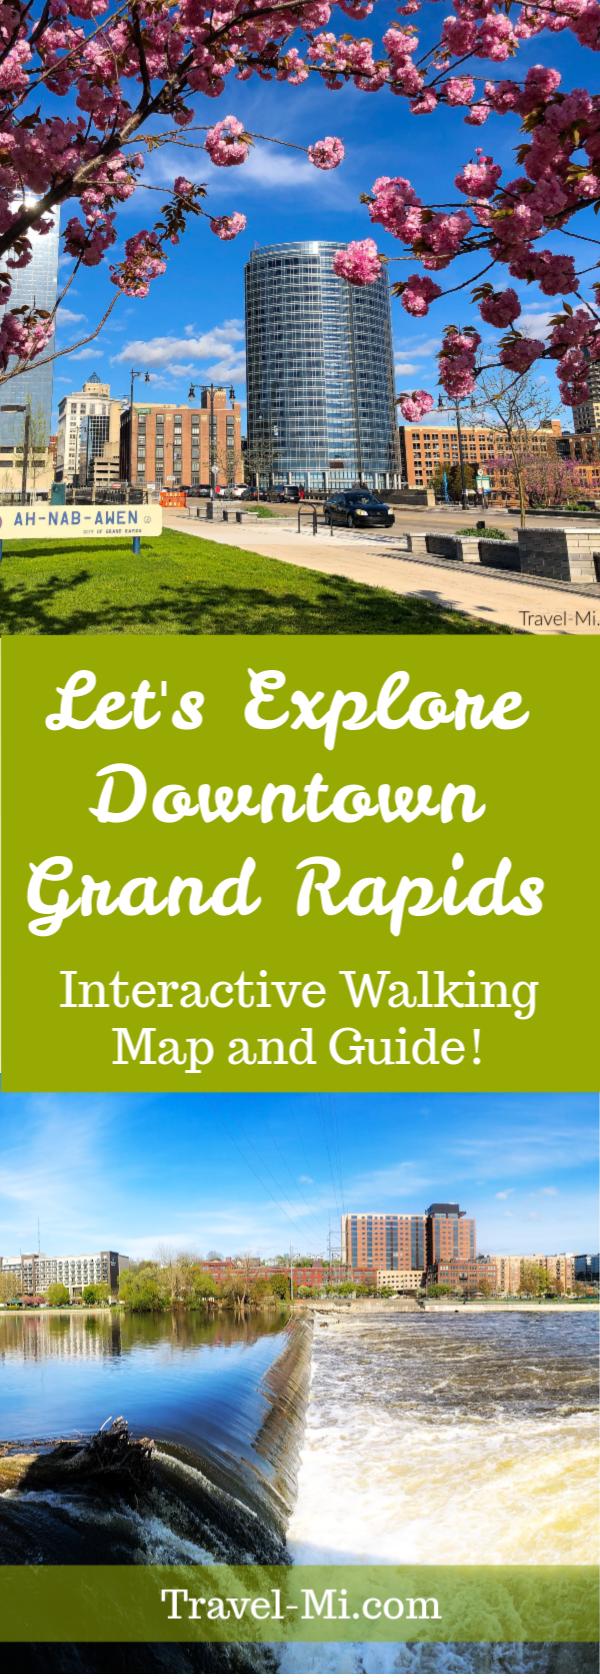 Grand Rapids Grand Rapids Grand Rapids Restaurants Grand Rapids Michigan